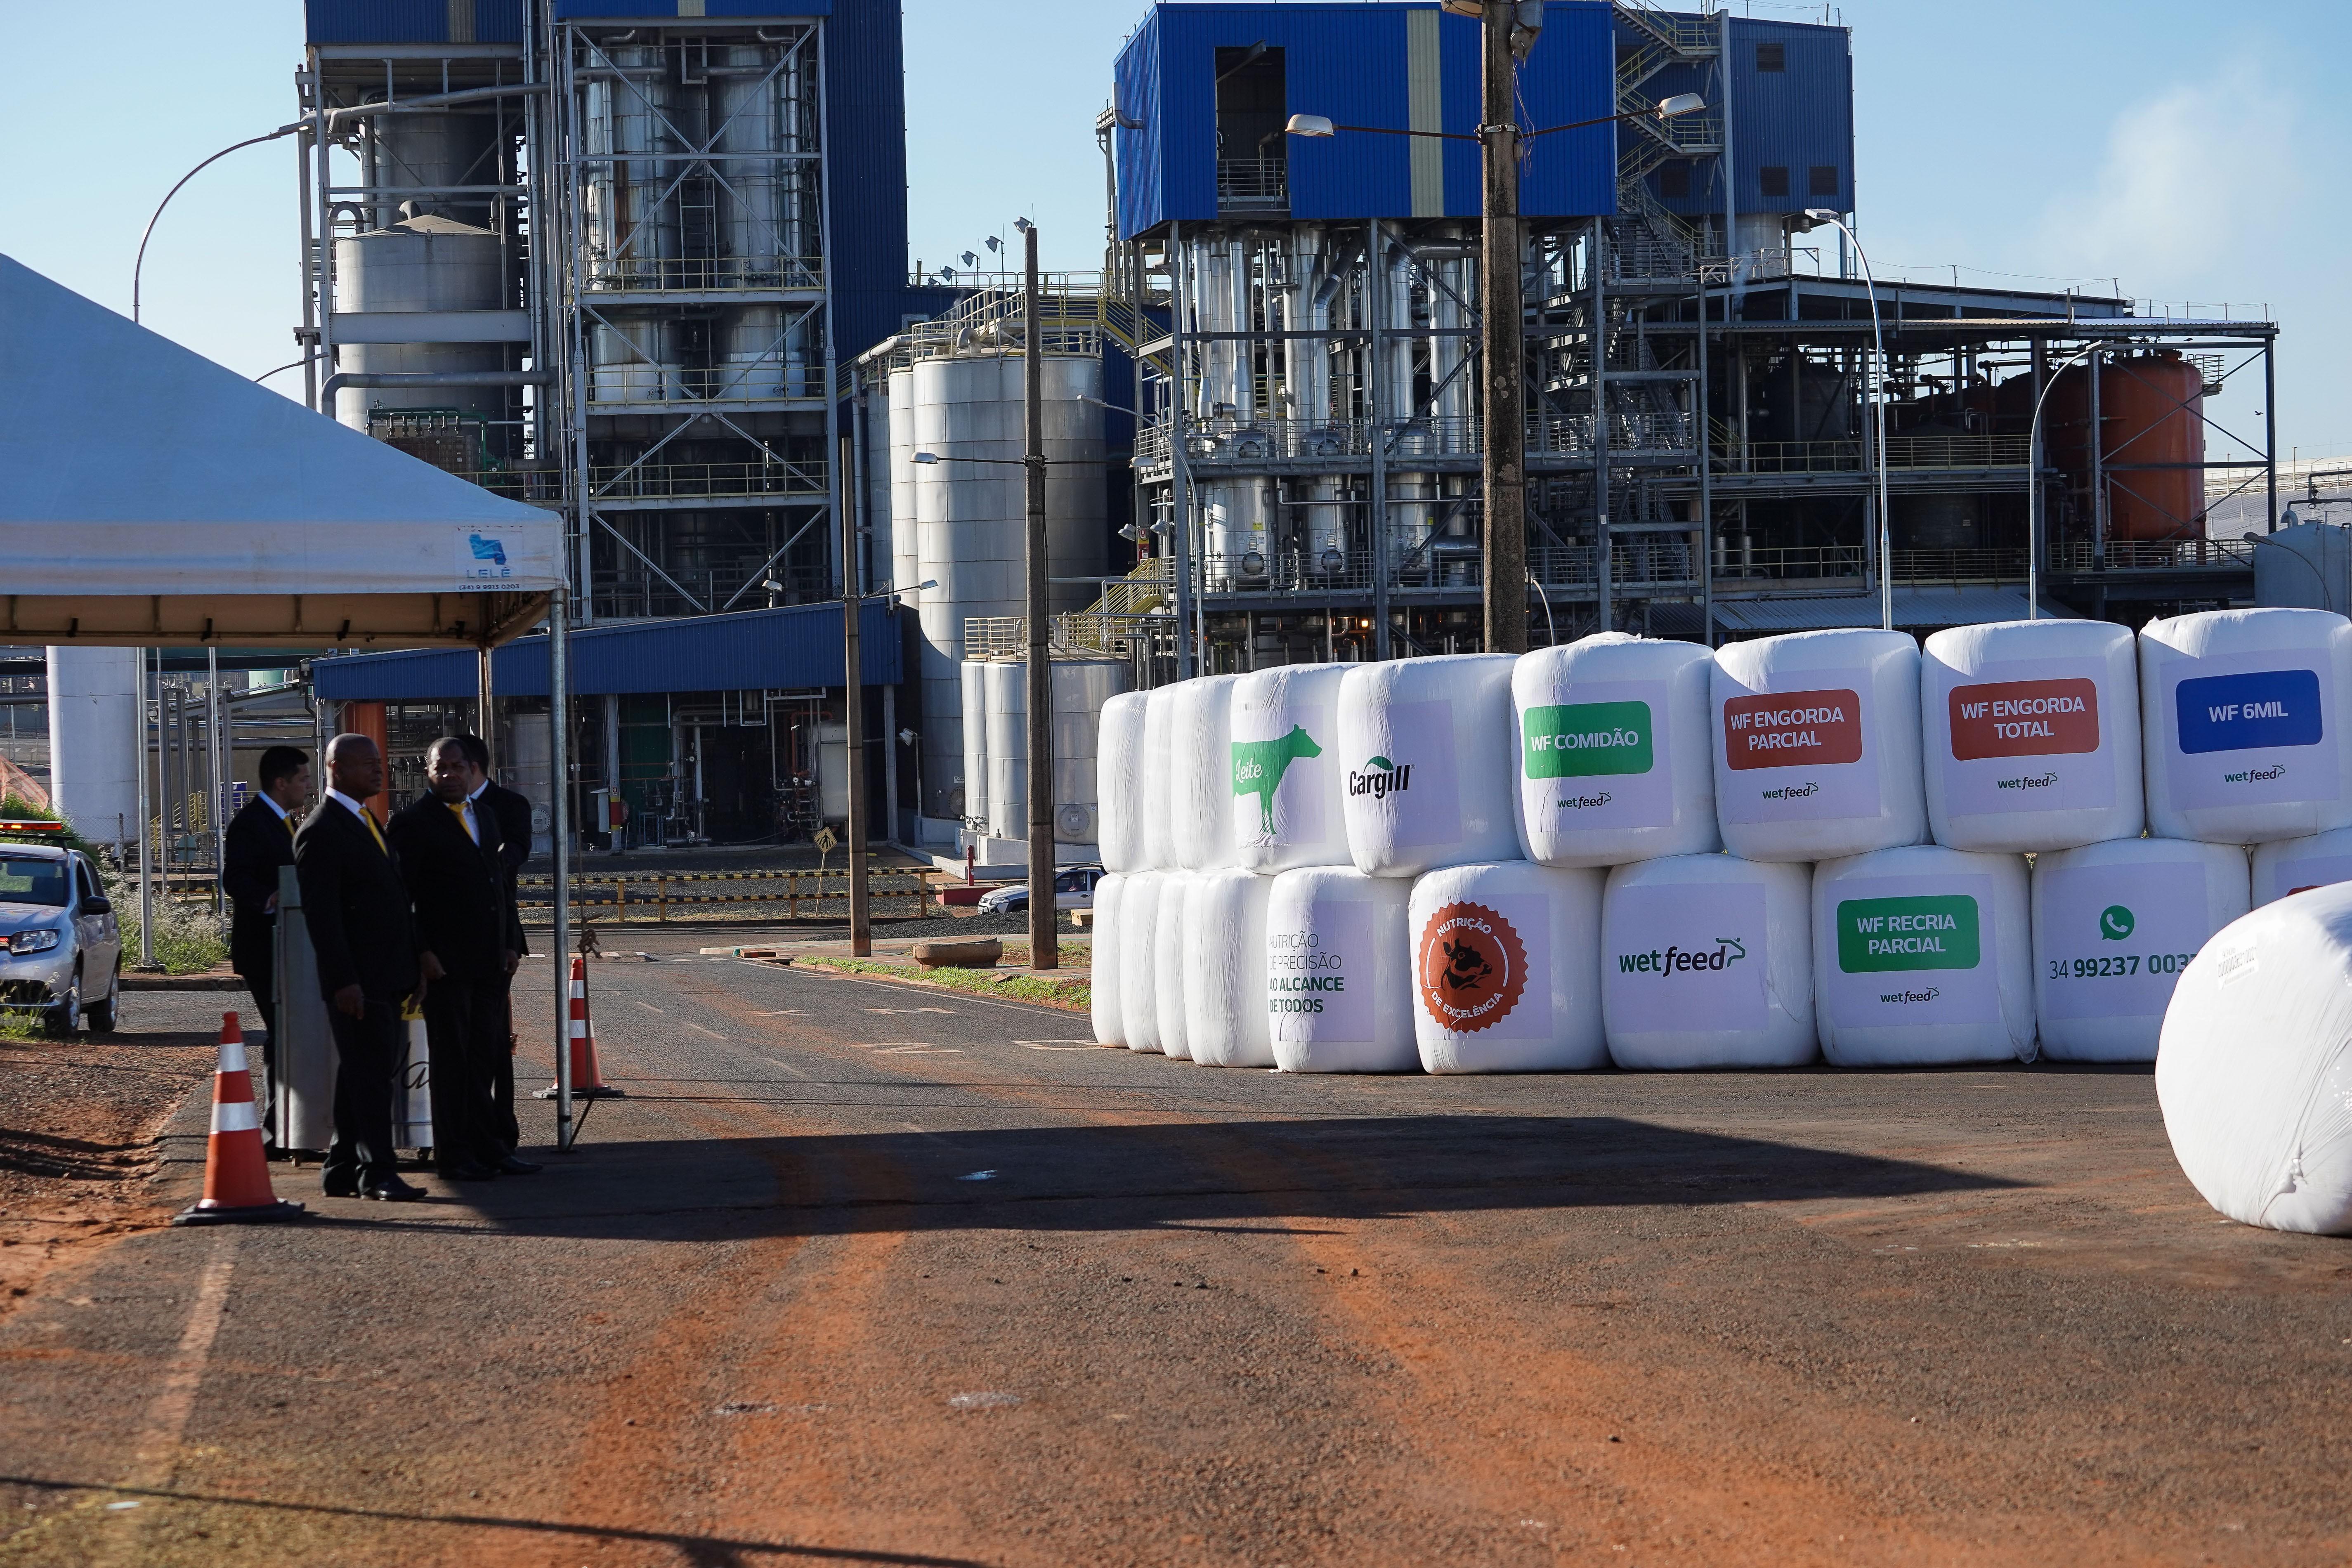 cargill-nutrição-ração-amido-fabrica (Foto: Mauro Marques)